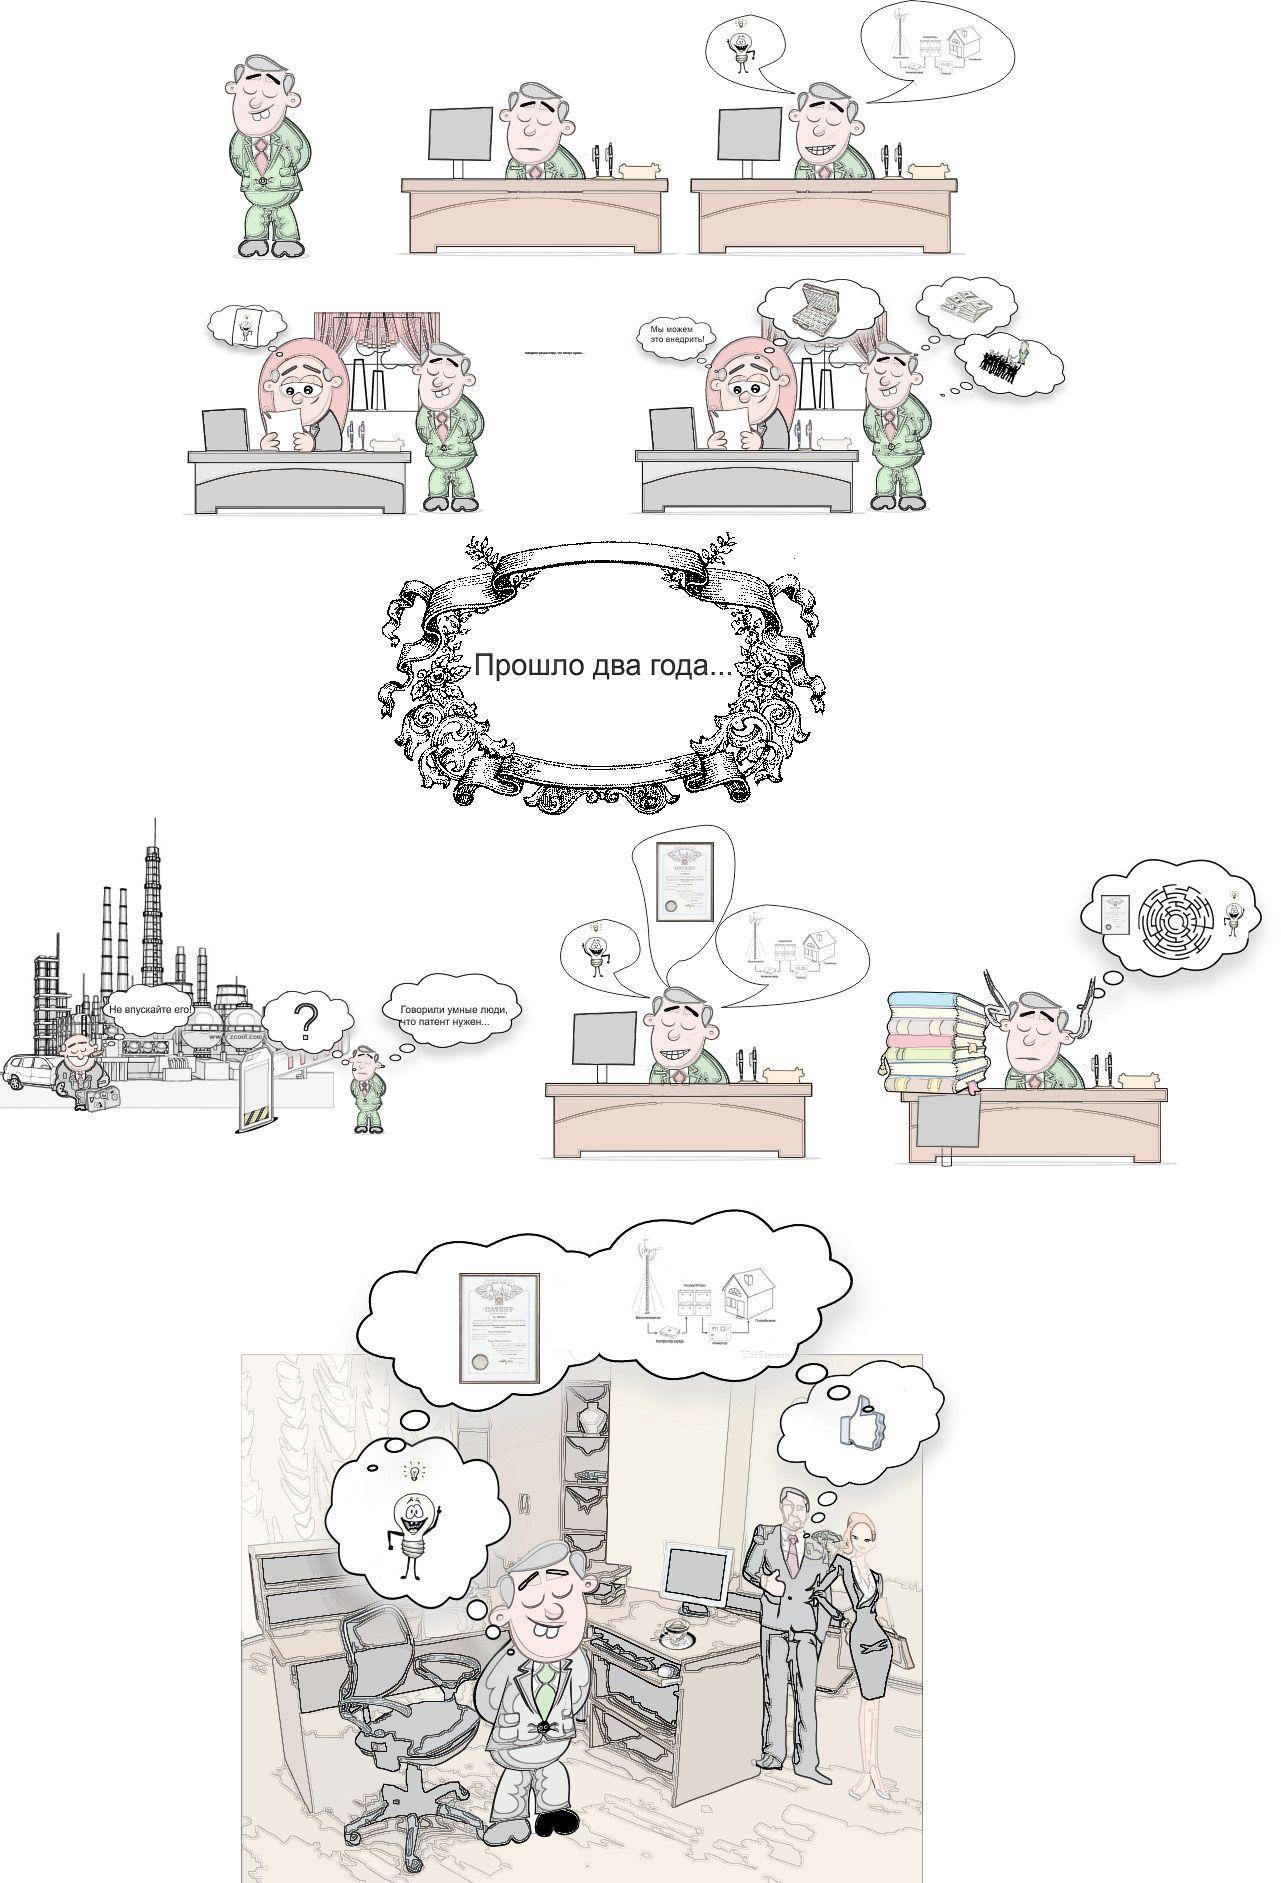 Эскизы Патенты +1,5тр финалистам - до 7 мая - дизайнер Askar24